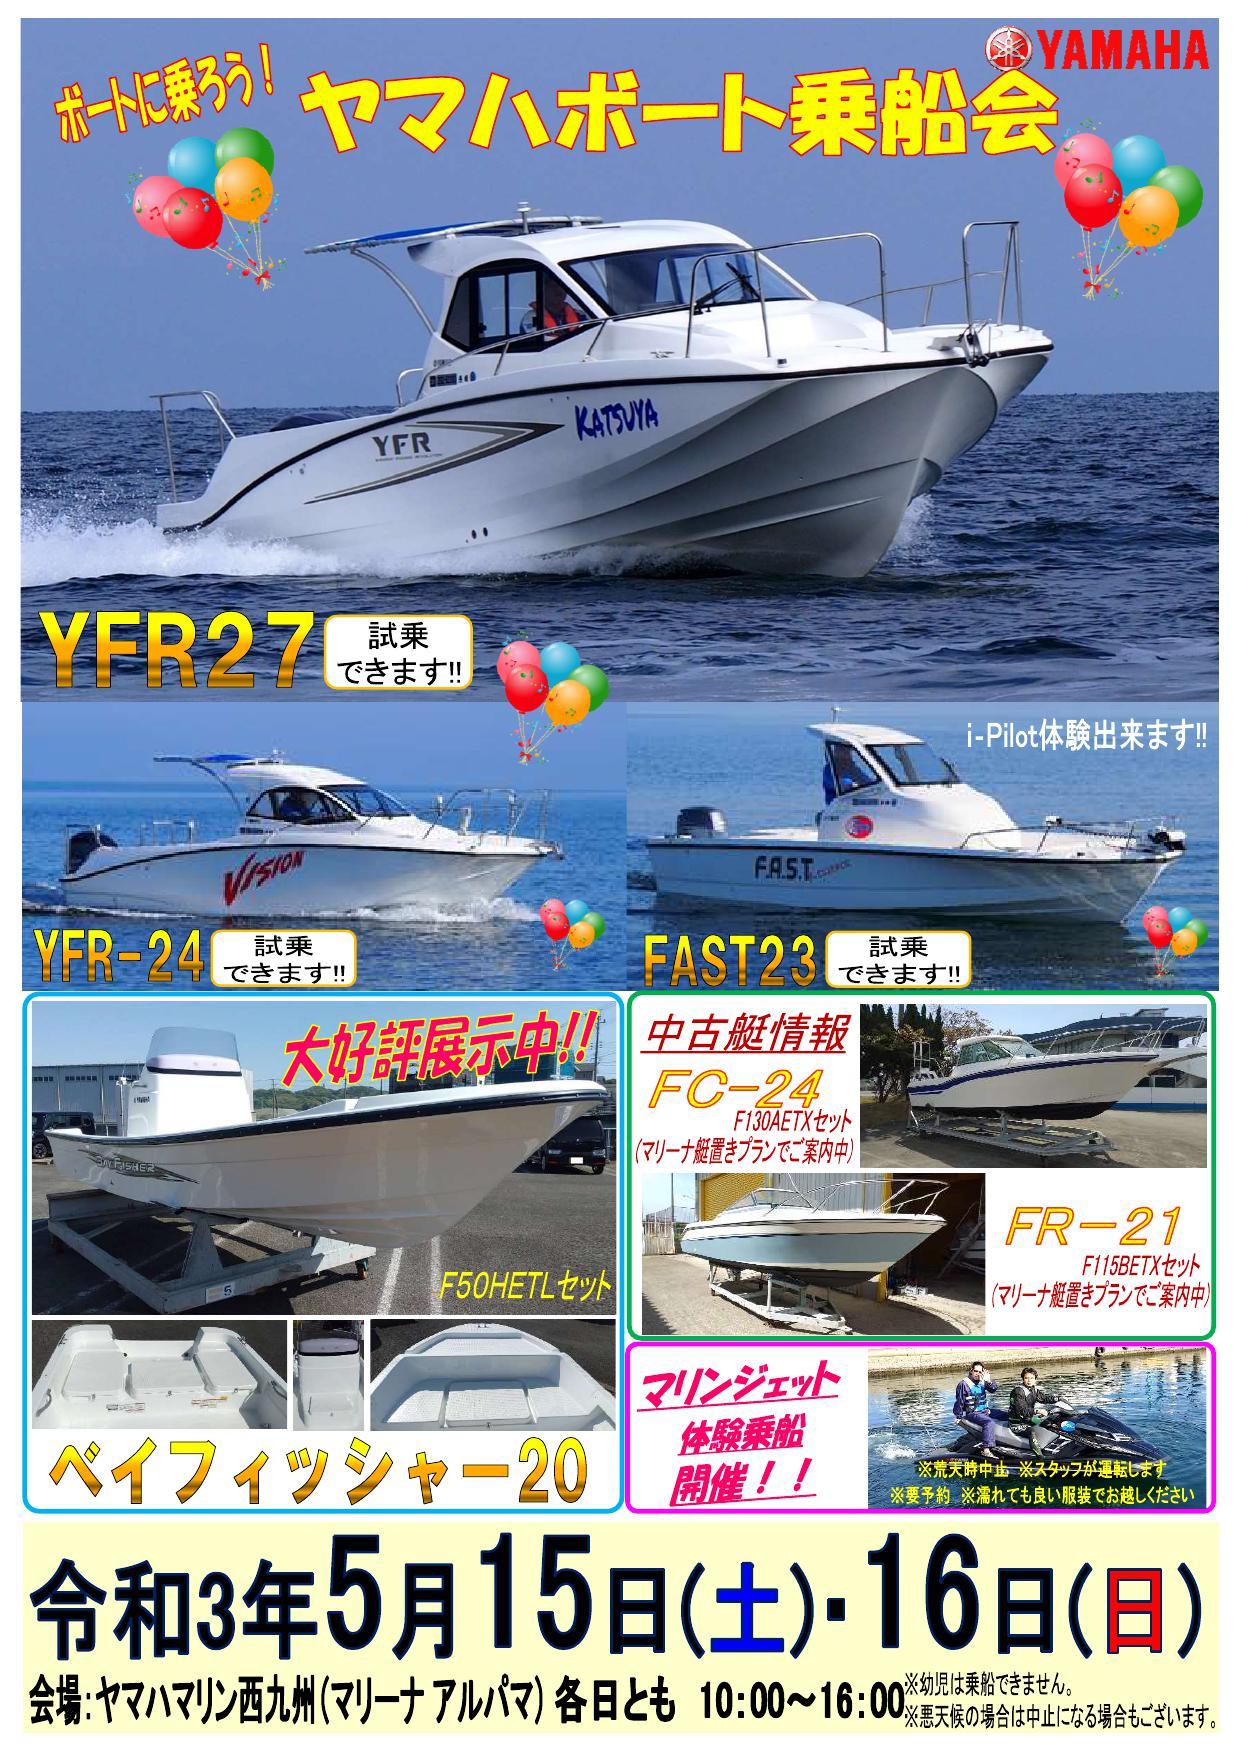 ボートに乗ろう! ヤマハボート乗船会!!